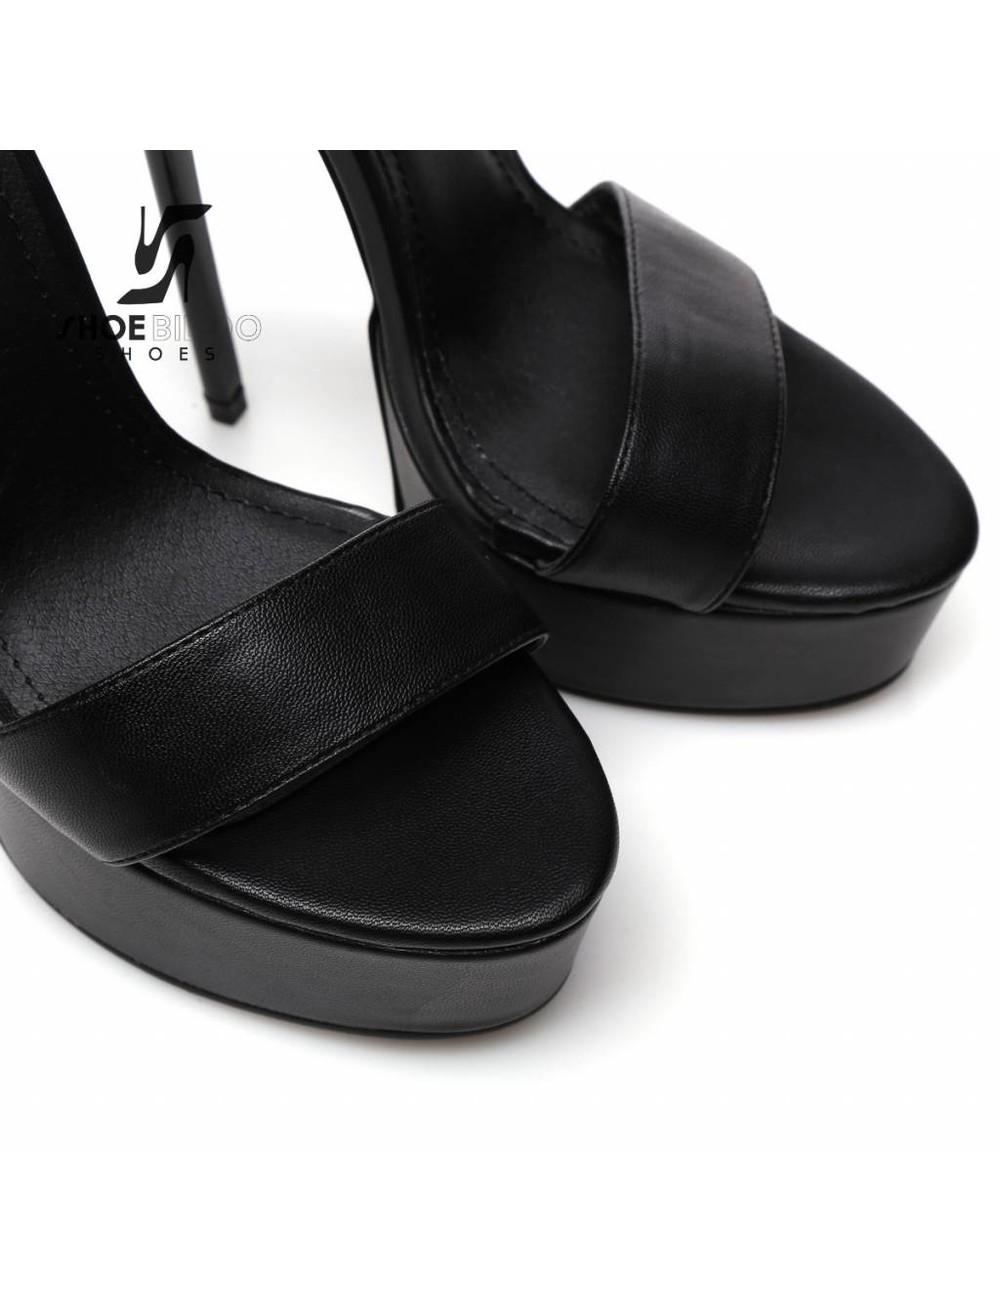 Giaro Black Giaro KATE bondage ankle belt sandals